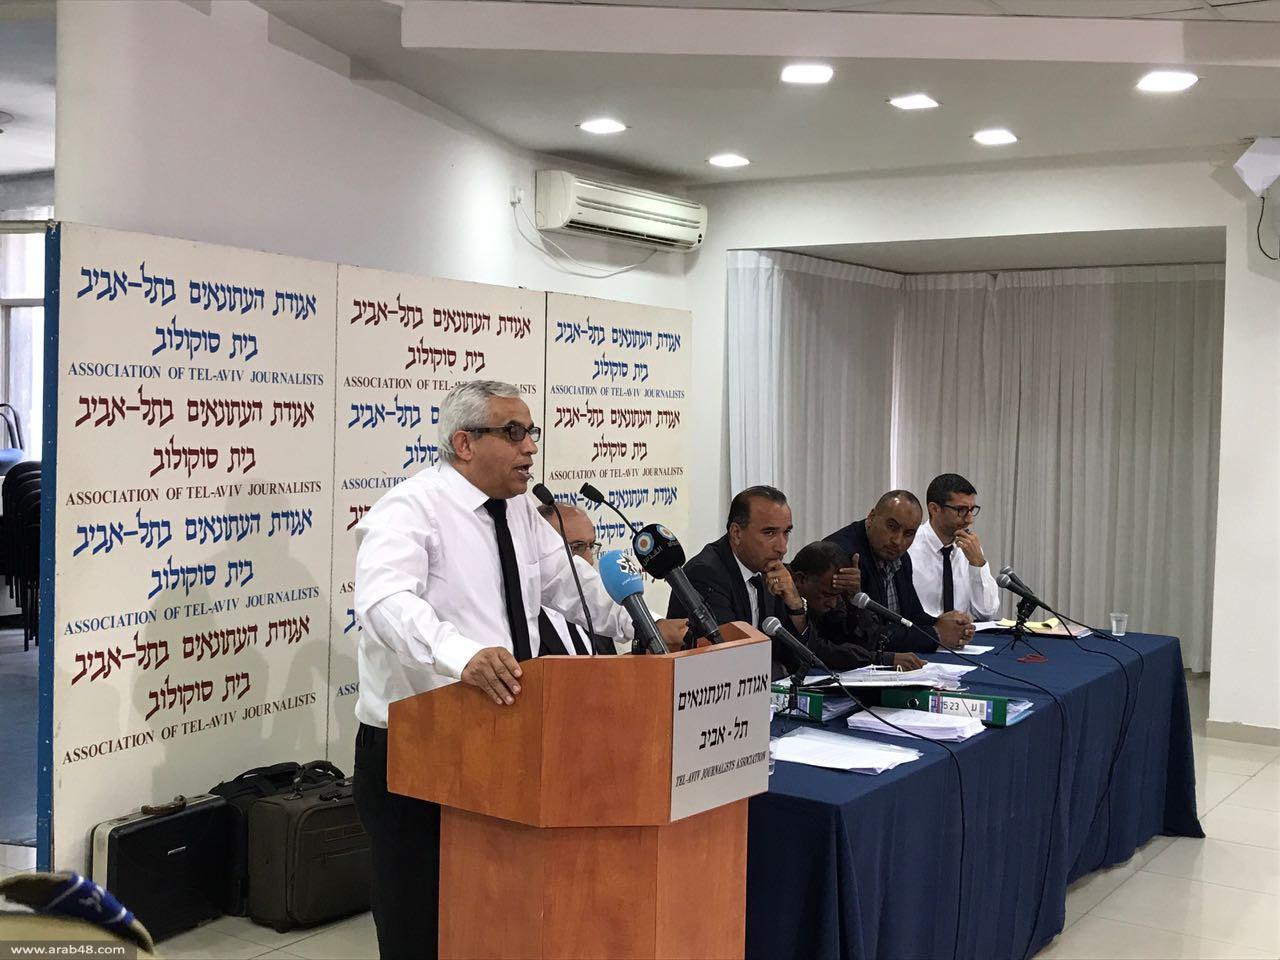 عائلة دوابشة تطالب الحكومة بتحمل مسؤولية الجريمة